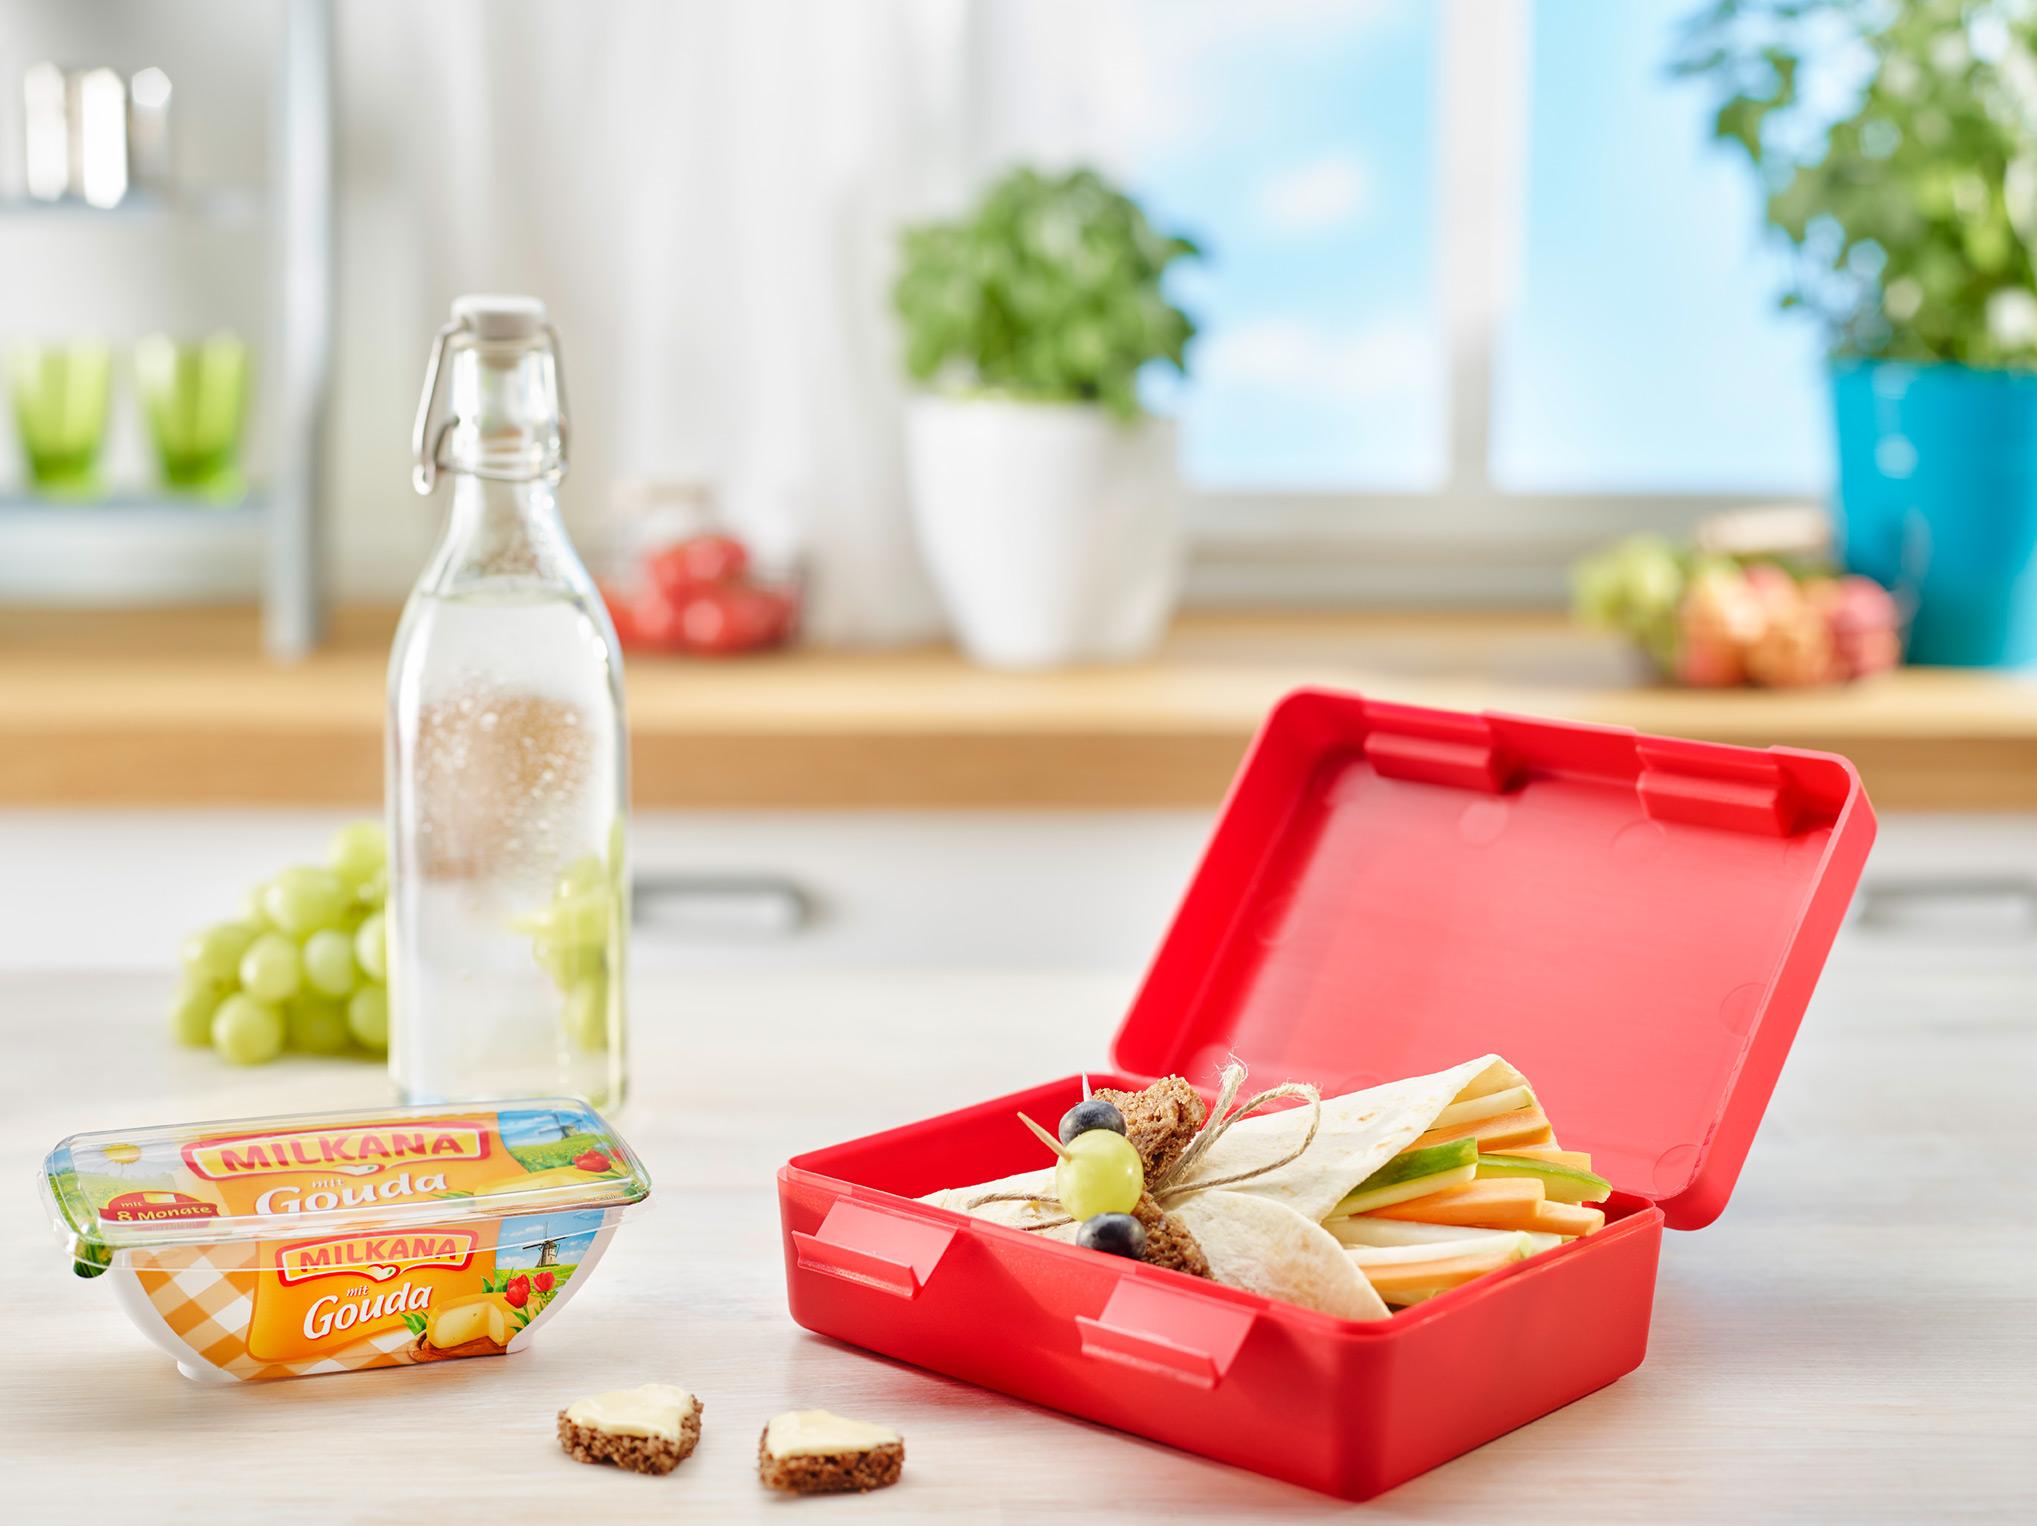 Pausenbrot Schultüte in Brotbox auf dem Küchentresen mit Milkana.